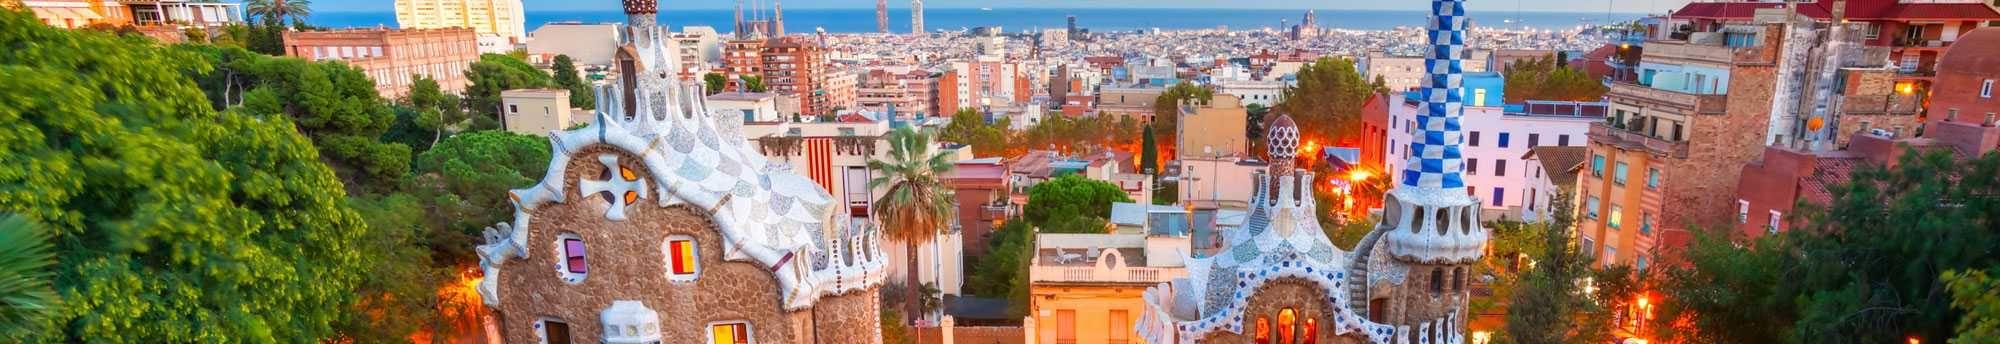 Bilhetes Sagrada Família